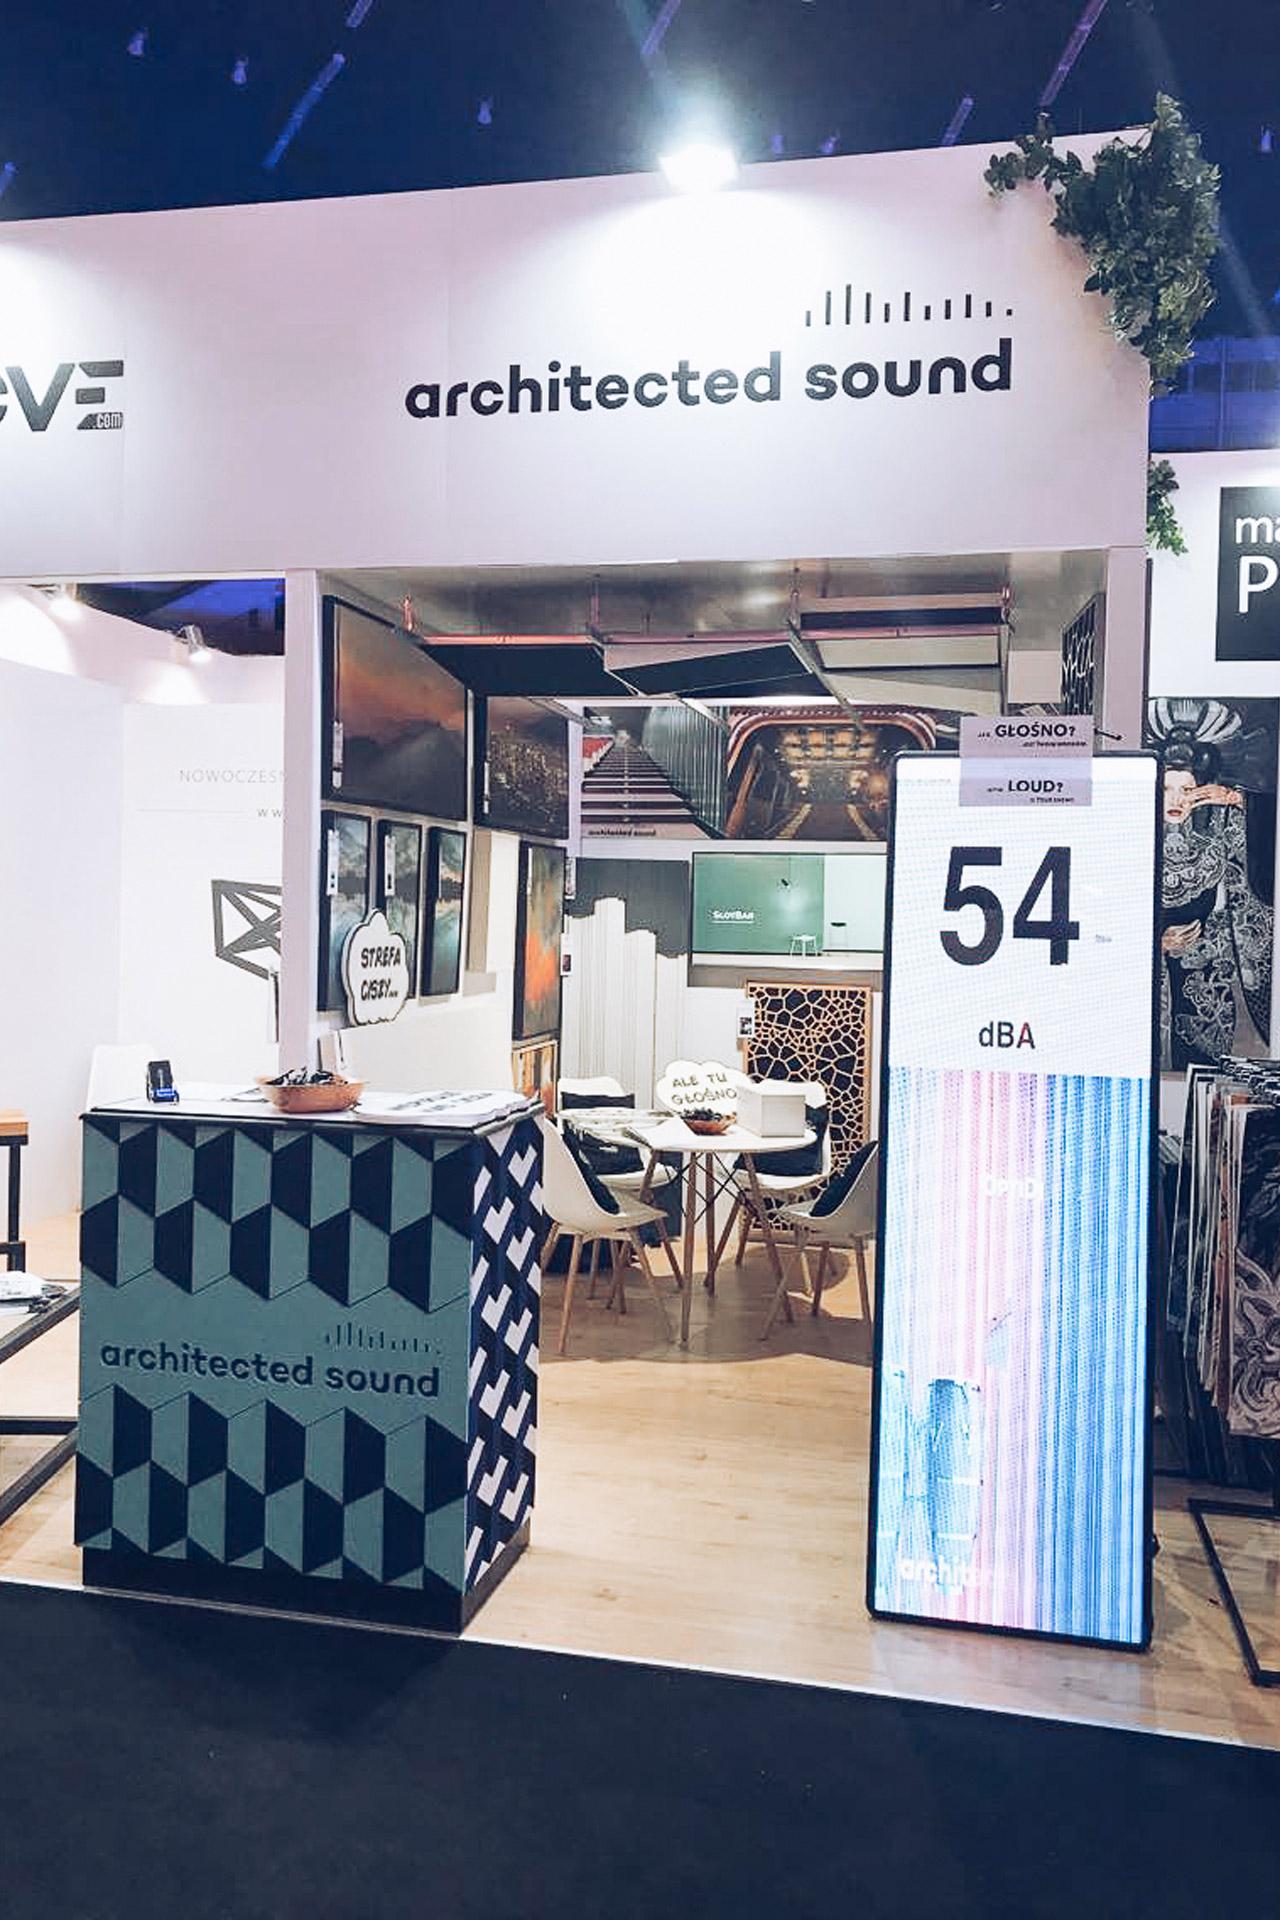 Stoisko Architected Sound na targach 4 Design Days z panelami akustycznymi Architected Sound